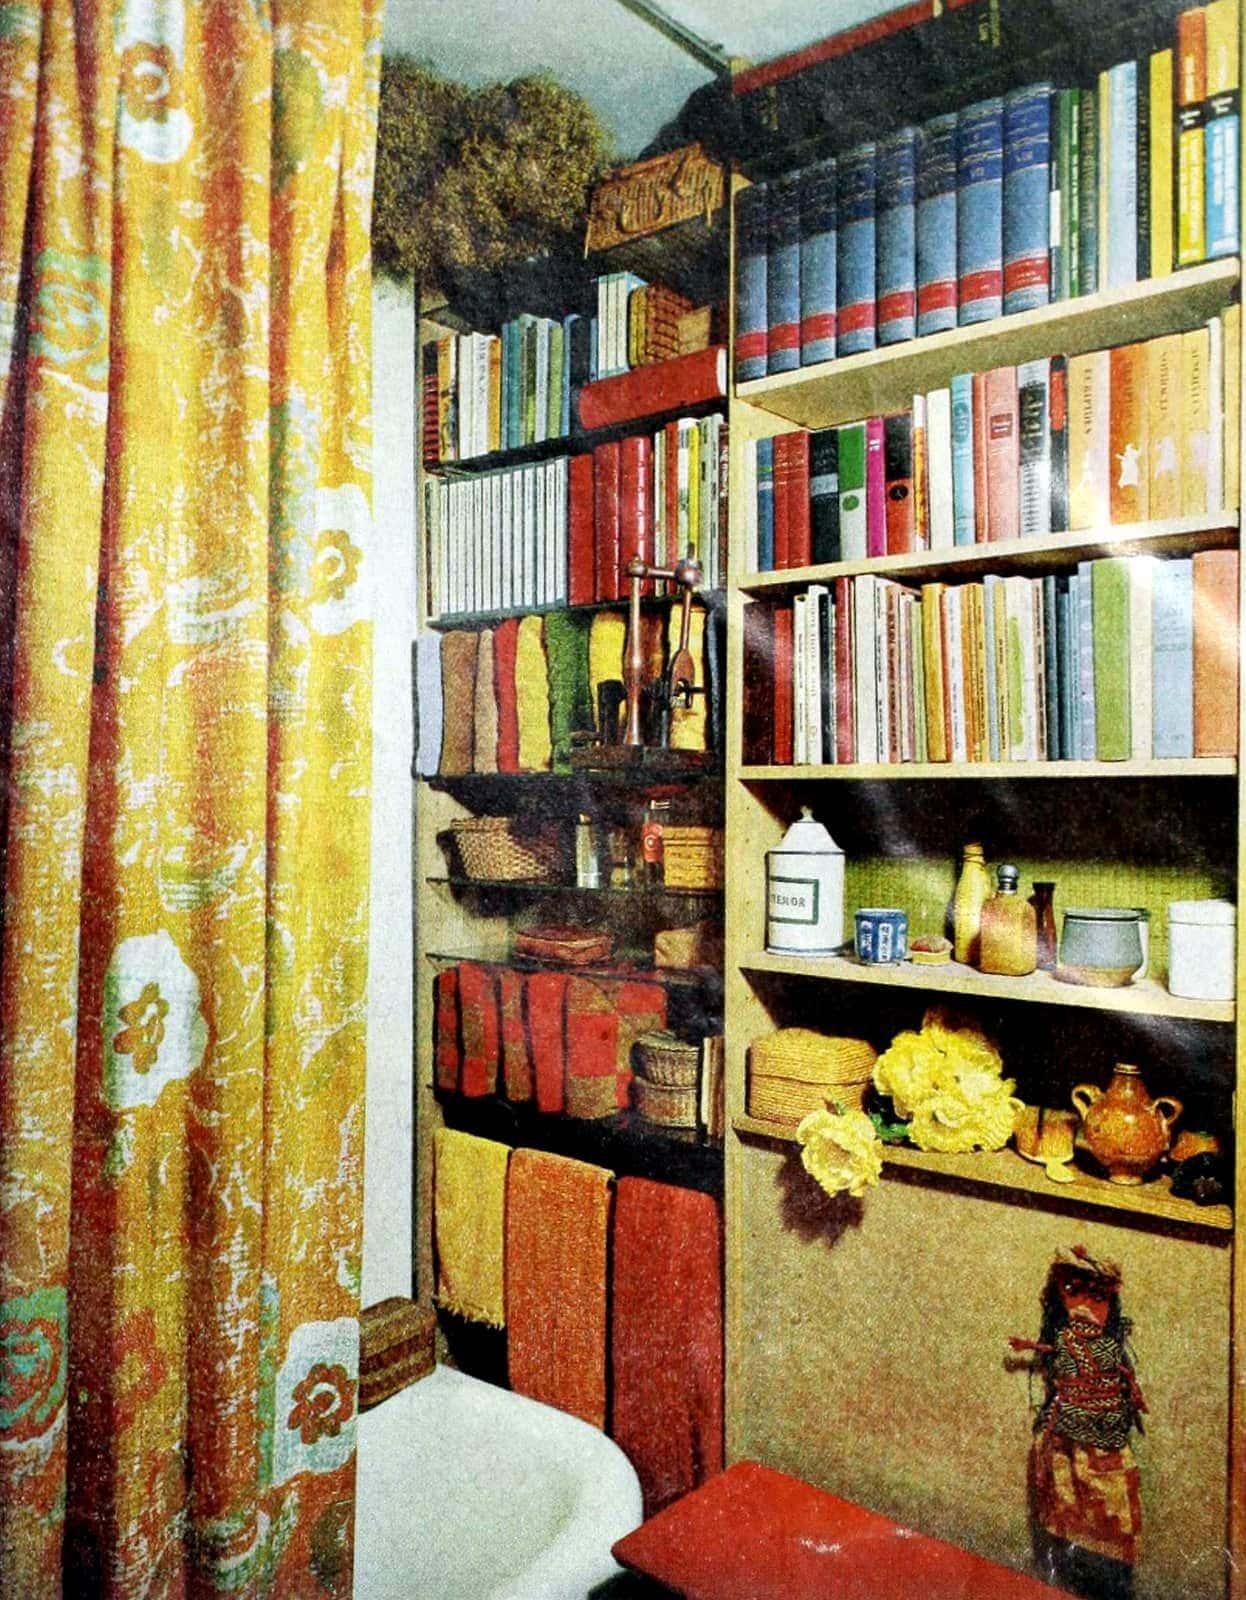 Bathroom bookshelves from 1964